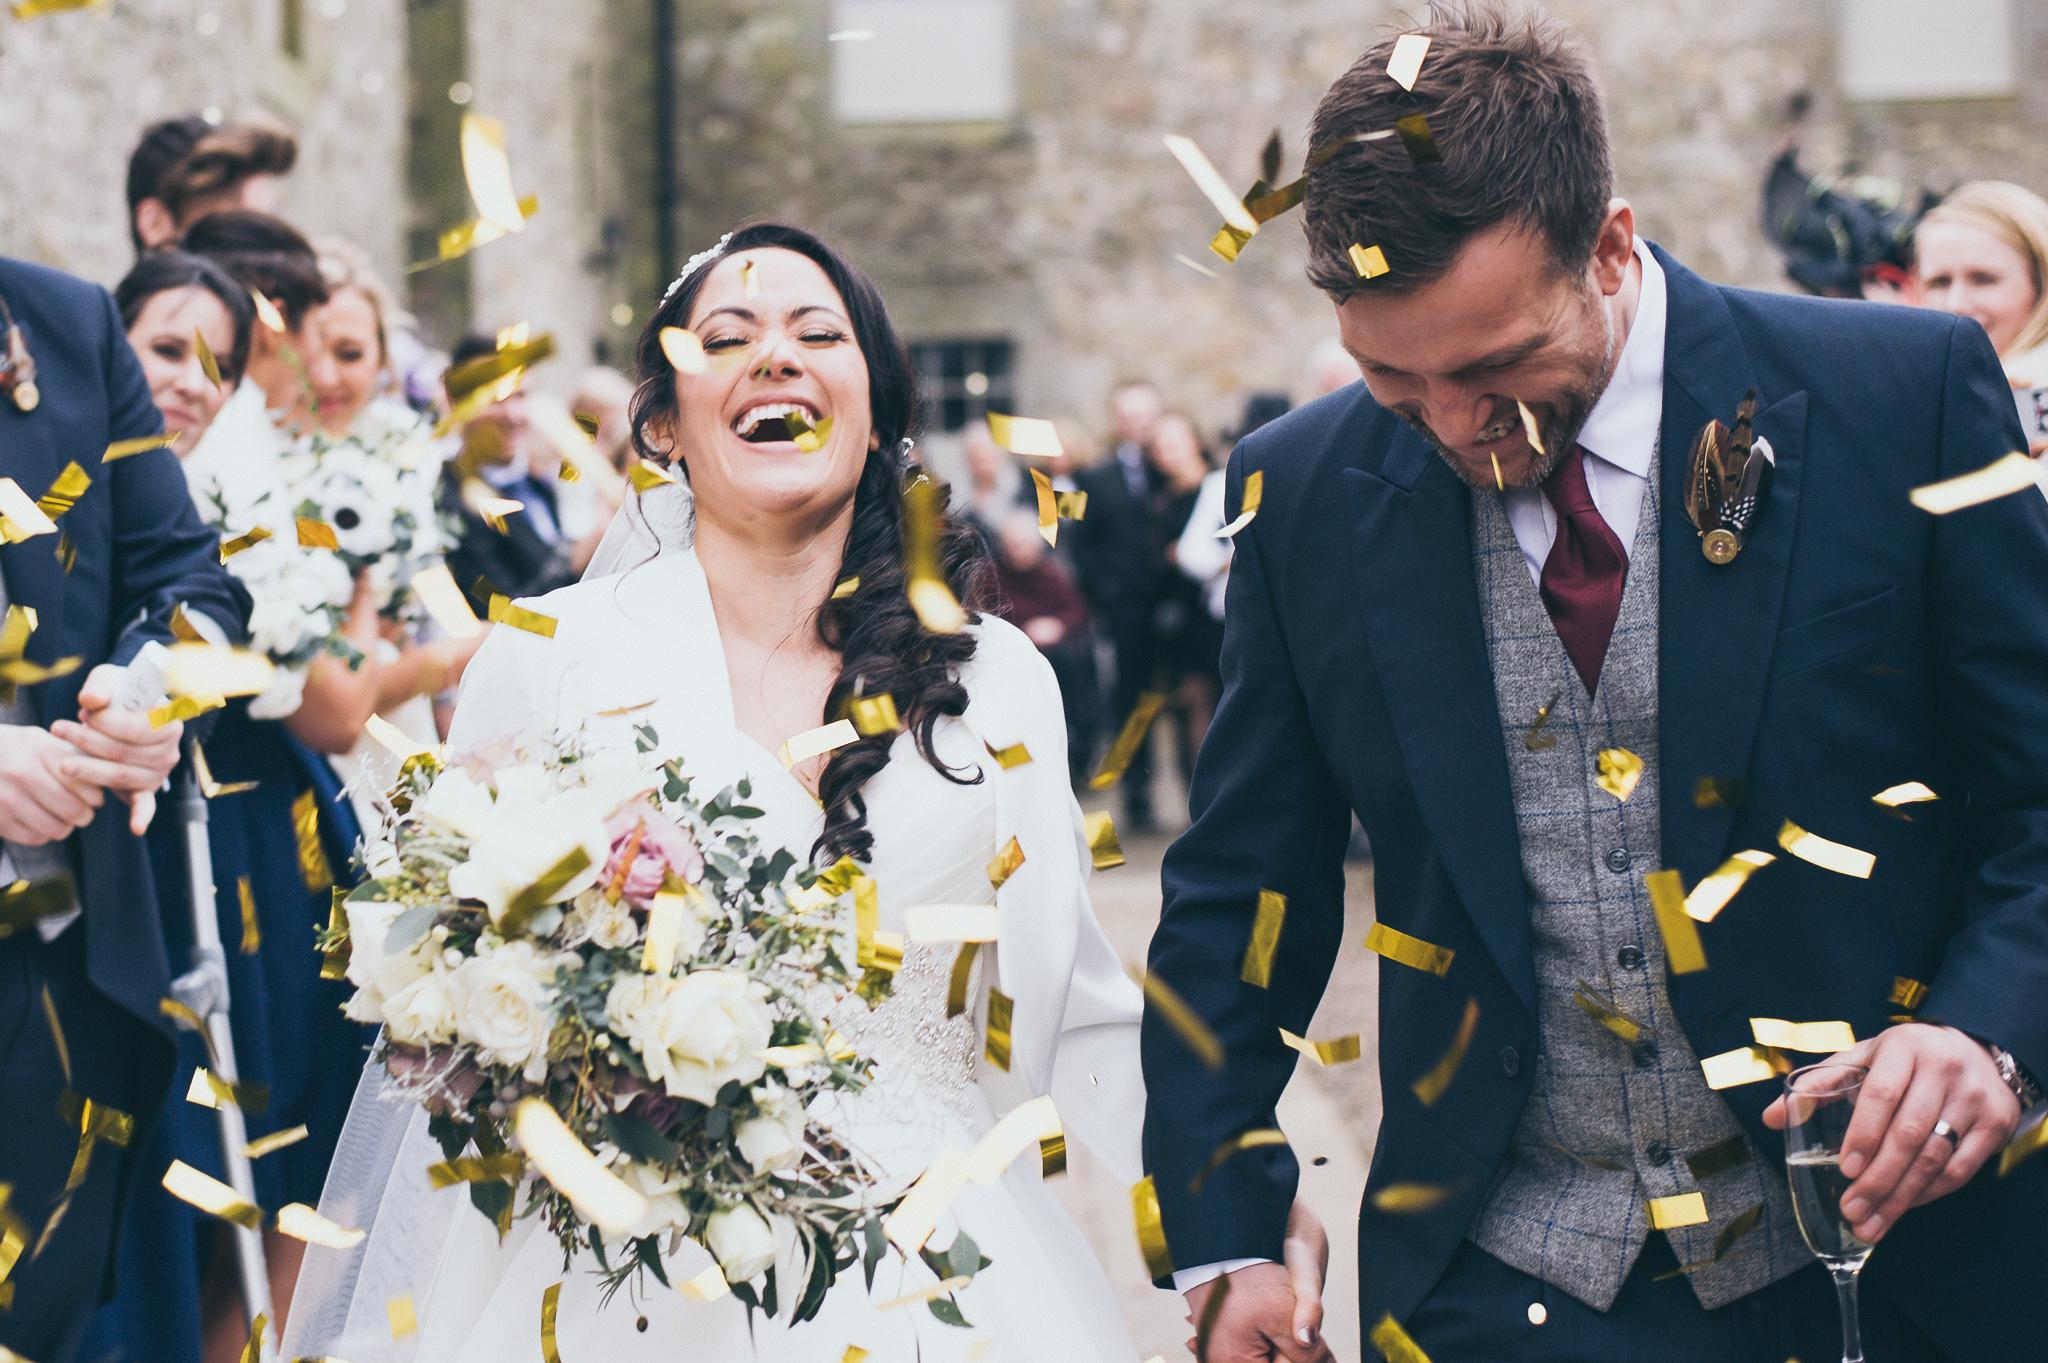 helen wedding